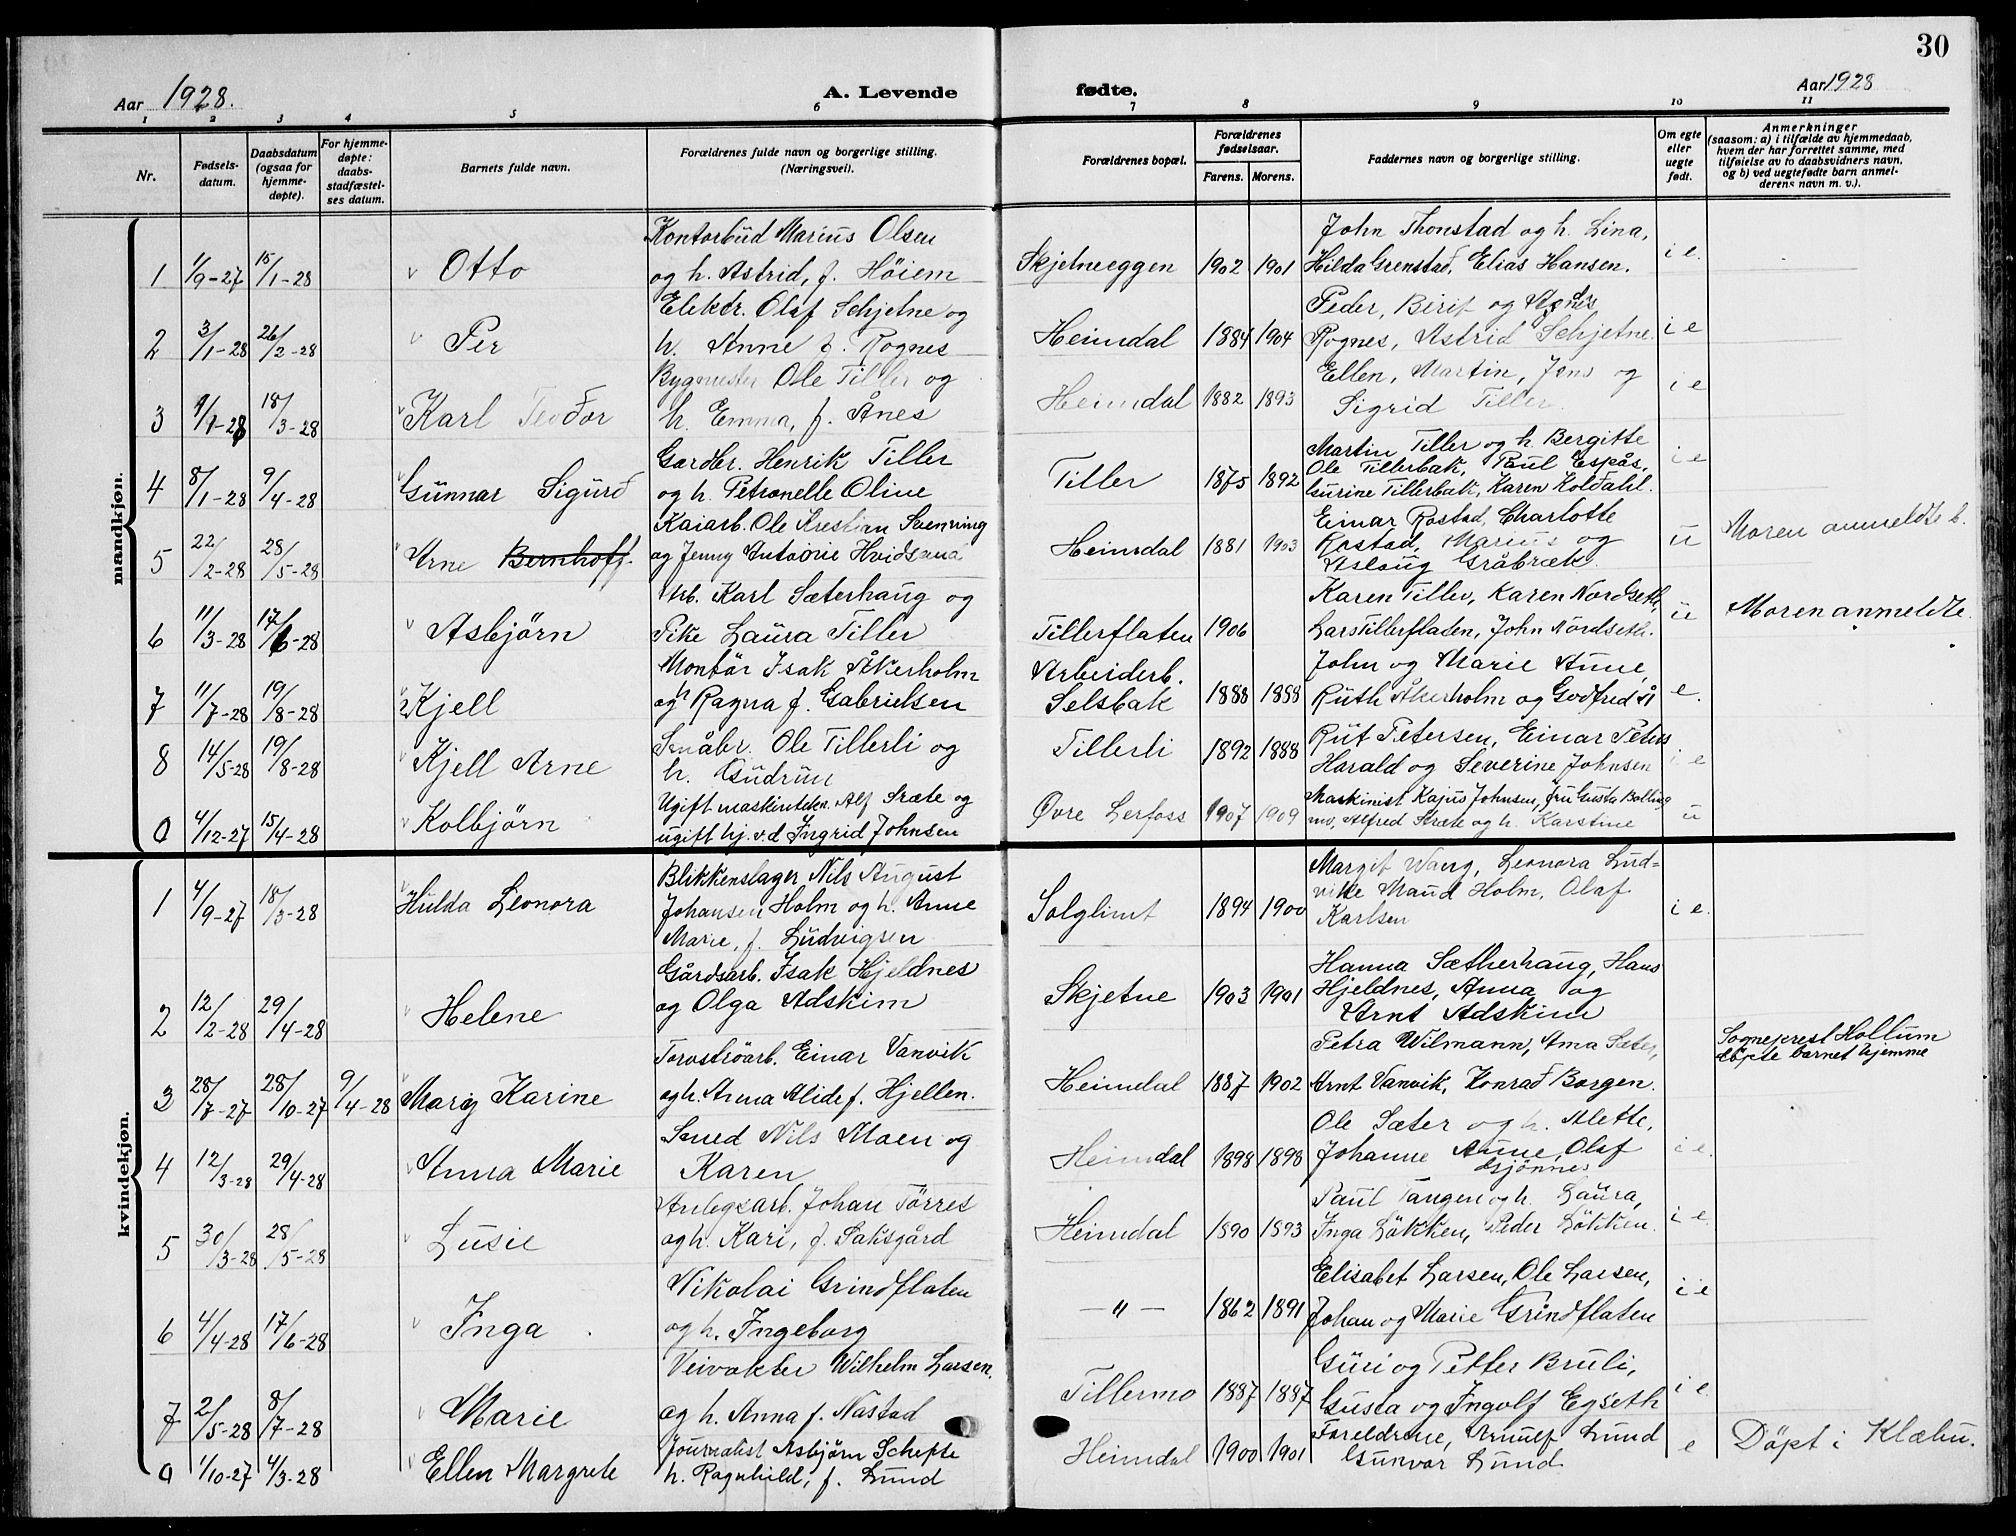 SAT, Ministerialprotokoller, klokkerbøker og fødselsregistre - Sør-Trøndelag, 621/L0462: Klokkerbok nr. 621C05, 1915-1945, s. 30